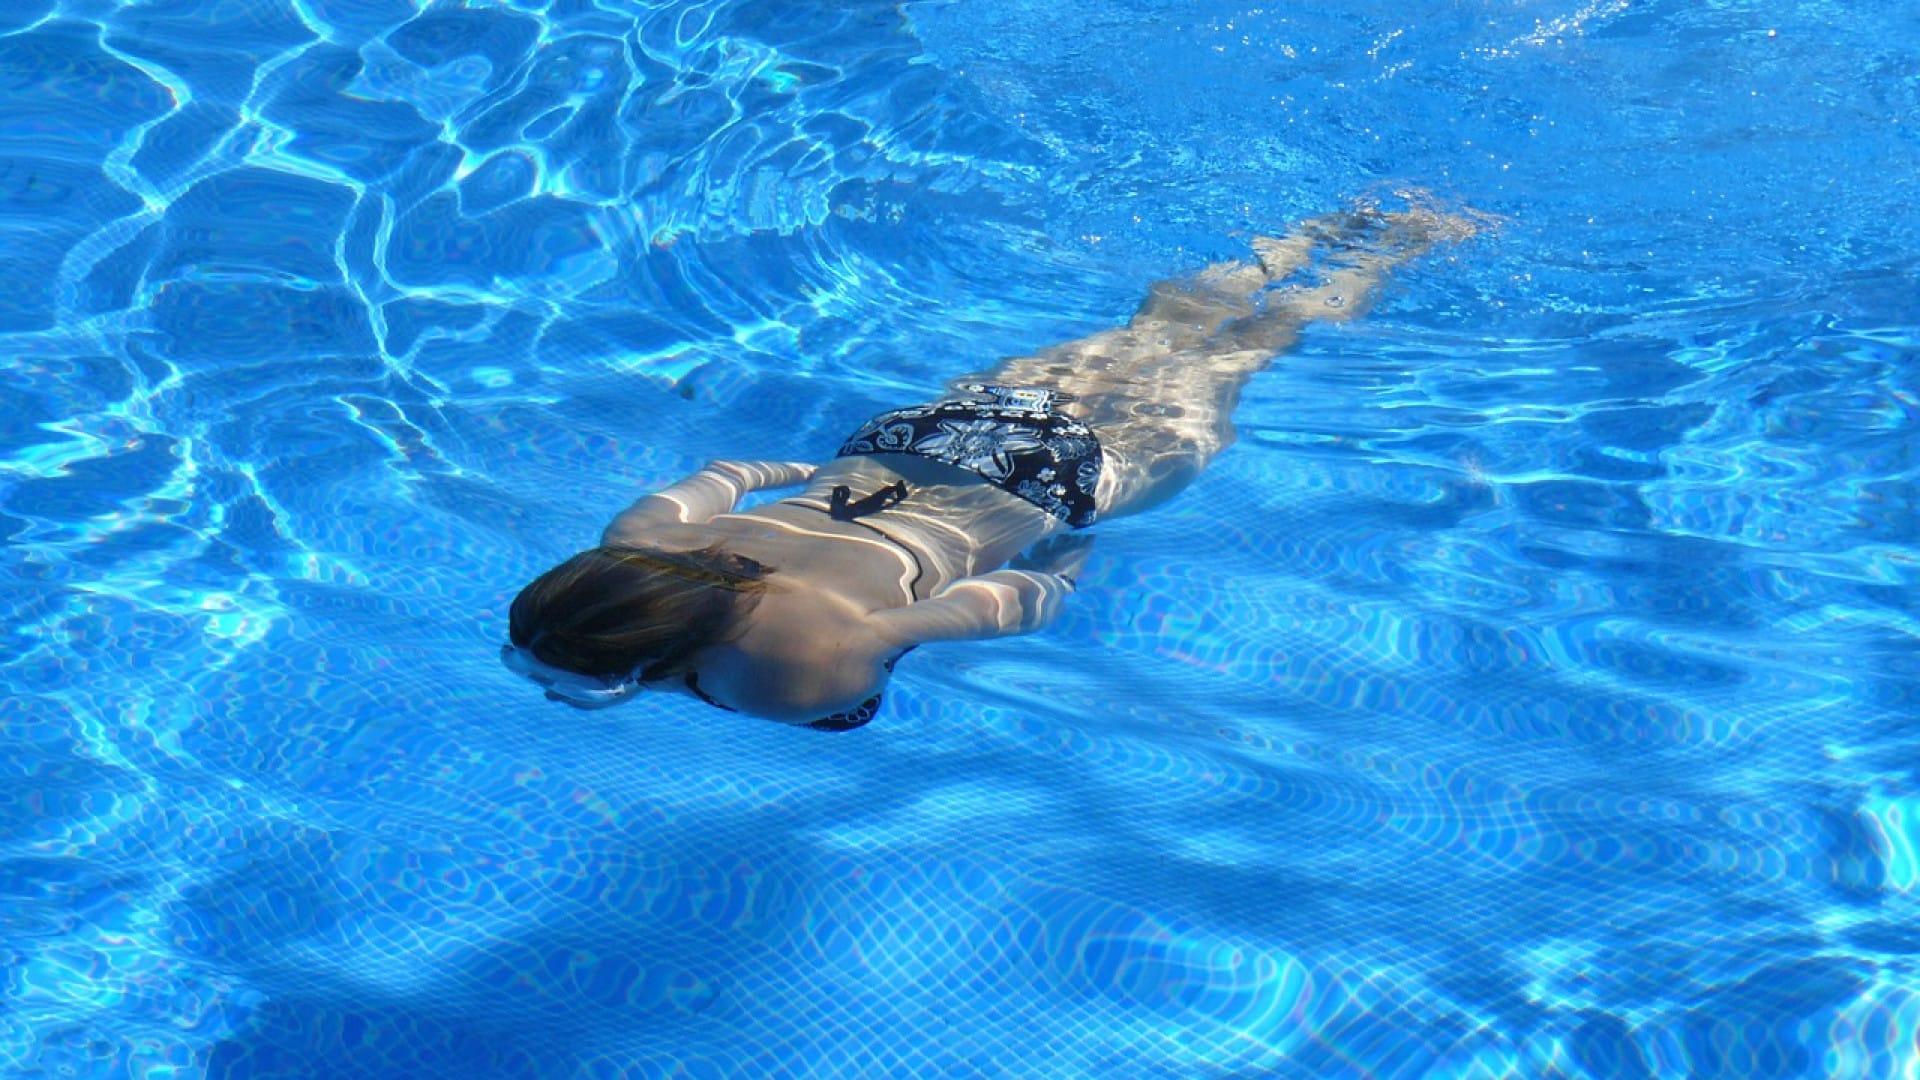 Quels sont les avantages liés à une piscine hors sol ?